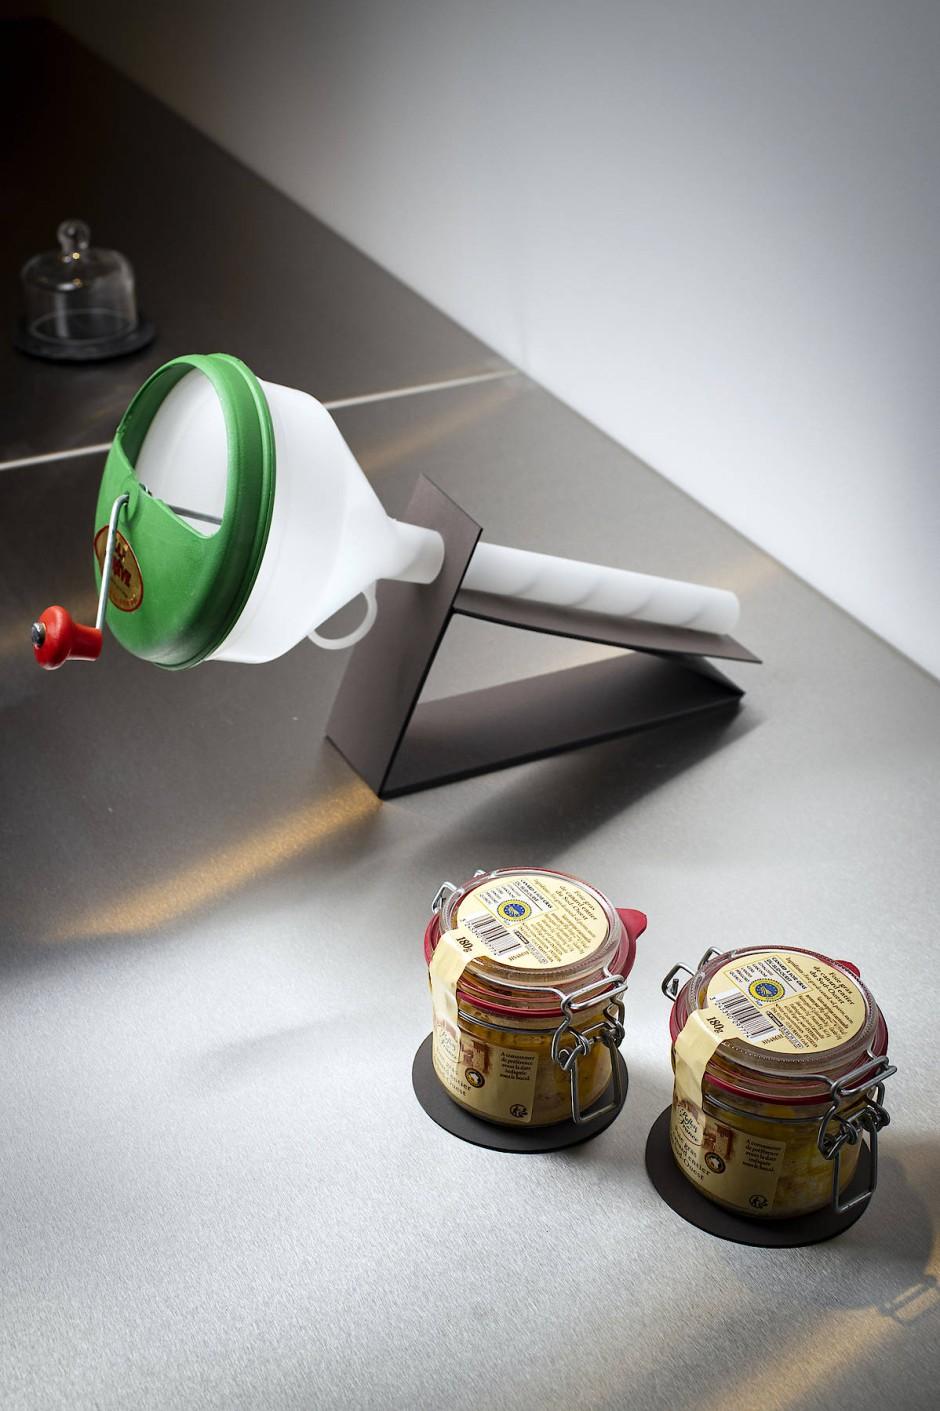 Aus Frankreich: Gänsestopfleber wird mit dem Stopfgerät ausgestellt, das zur Gänsemast in Frankreich verwendet wird.